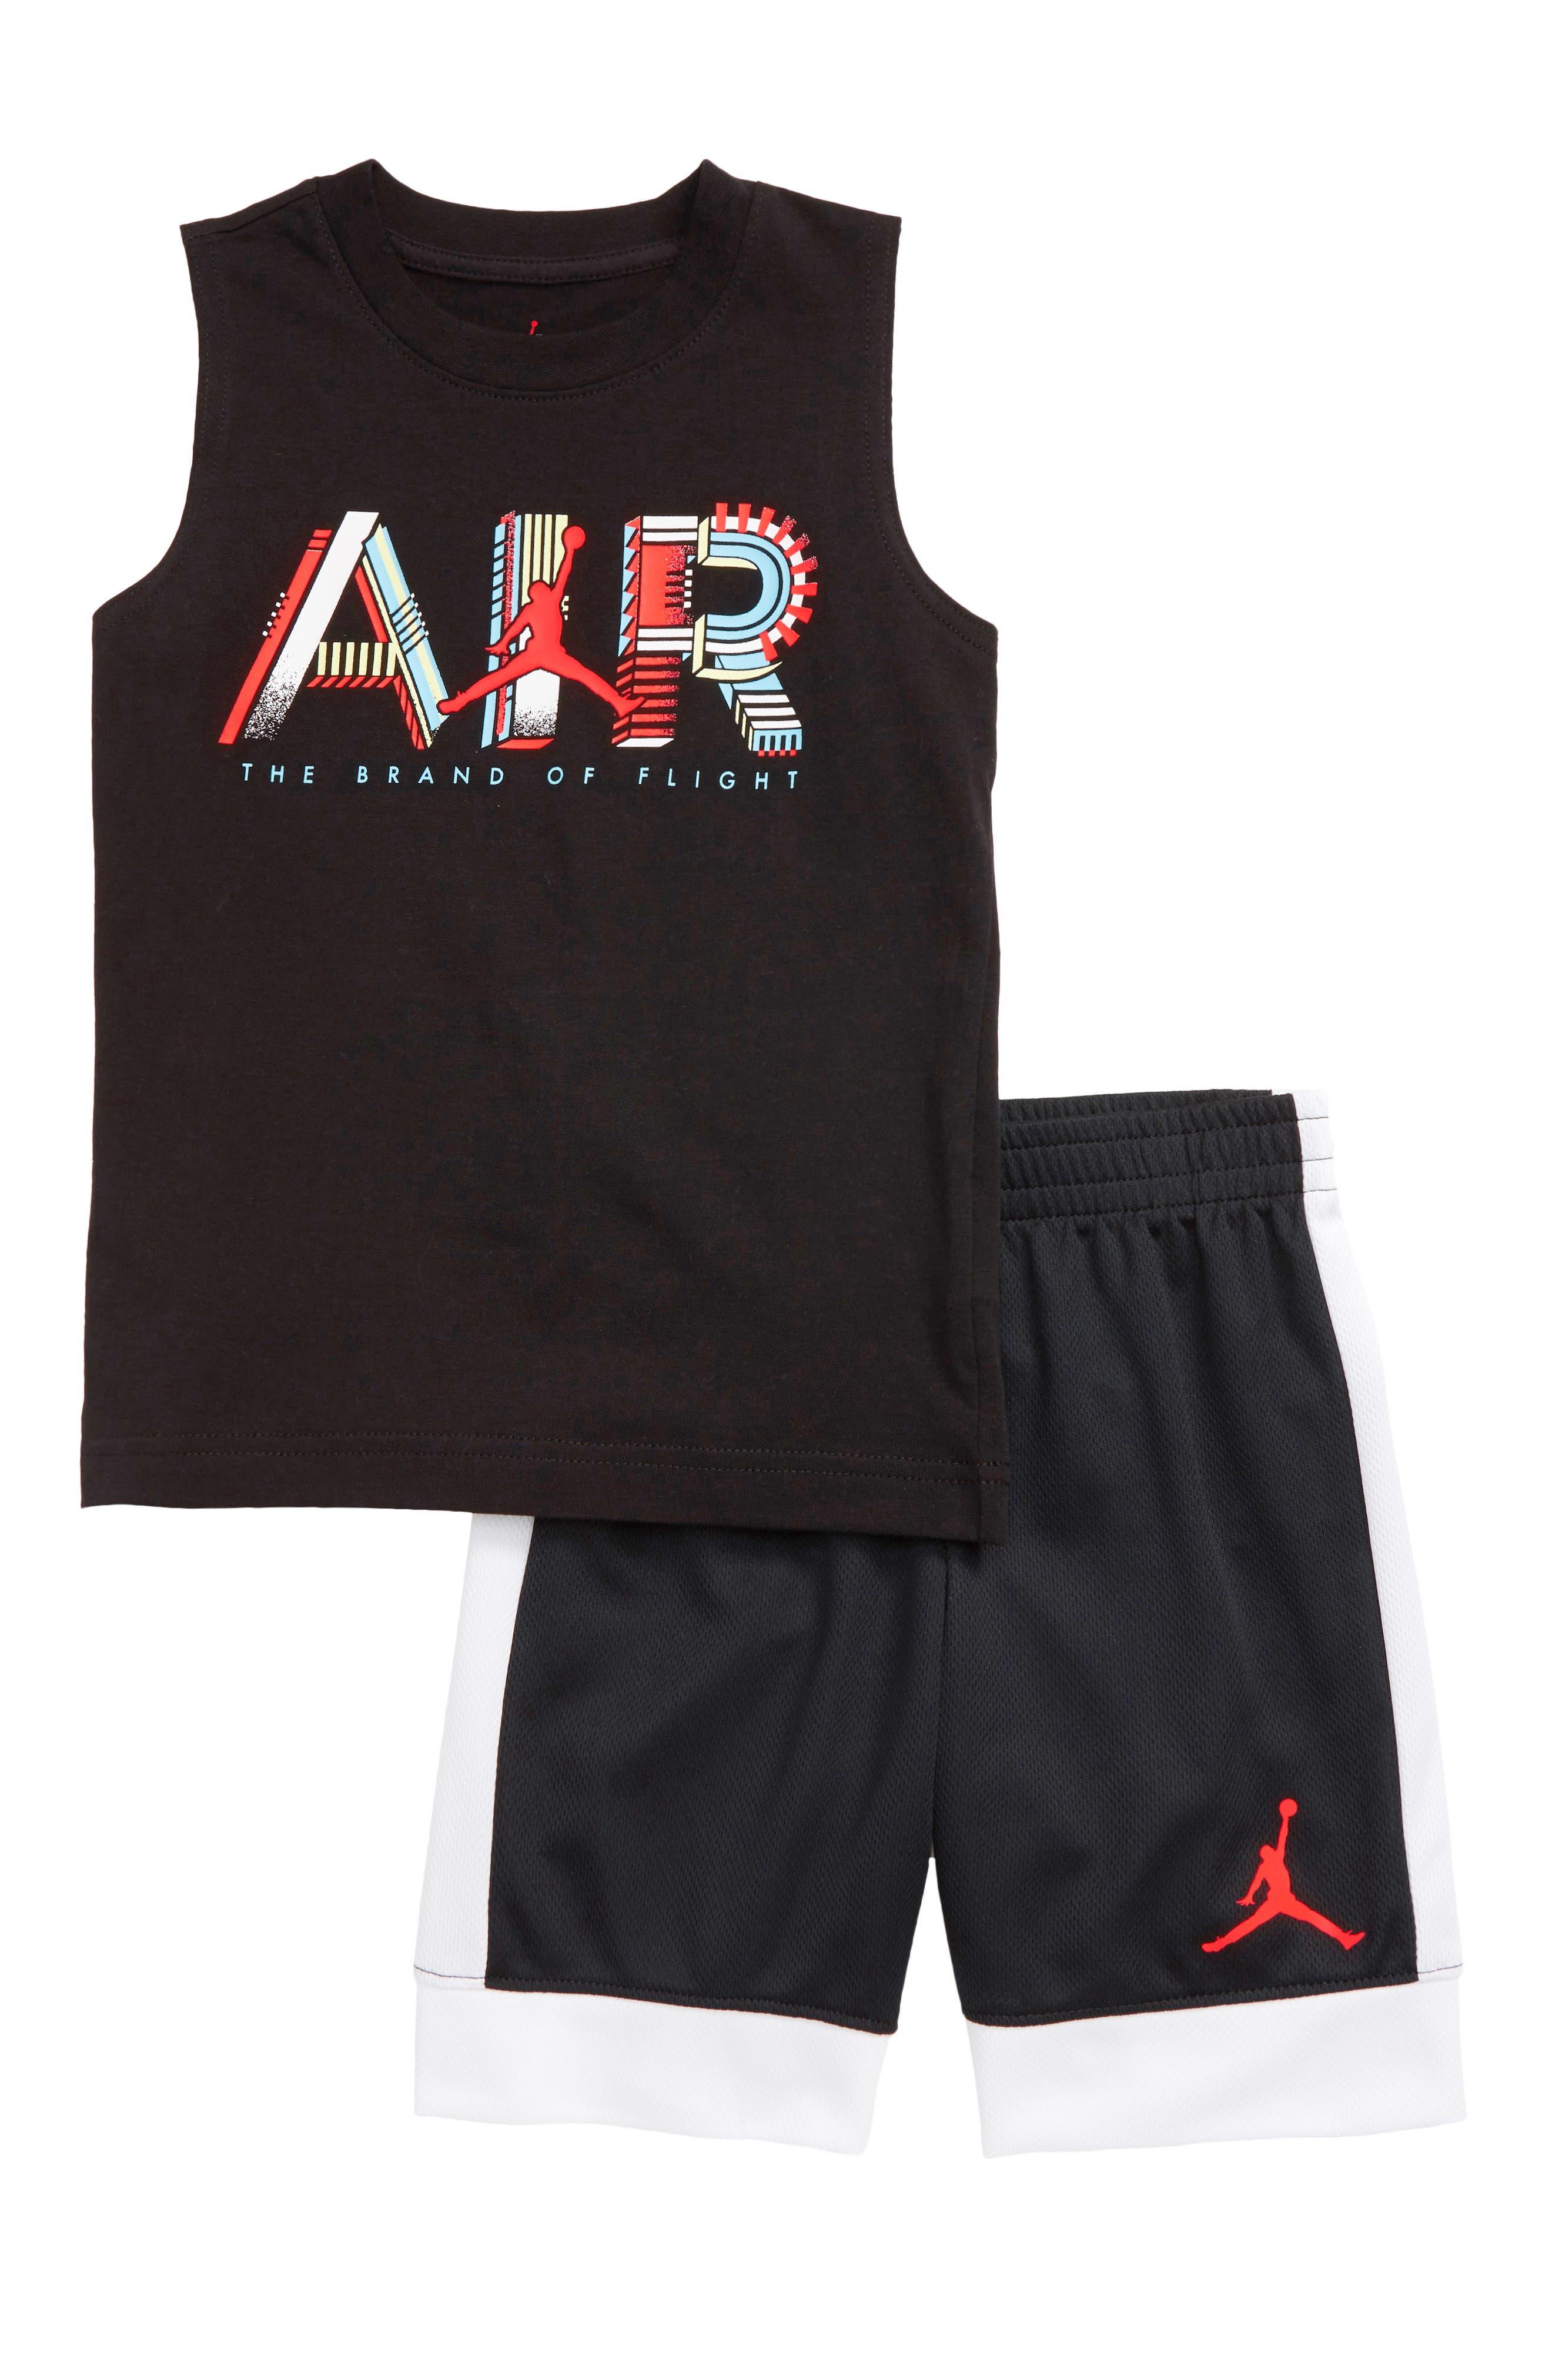 Boys' Jordan Clothes (Sizes 2T-7): T